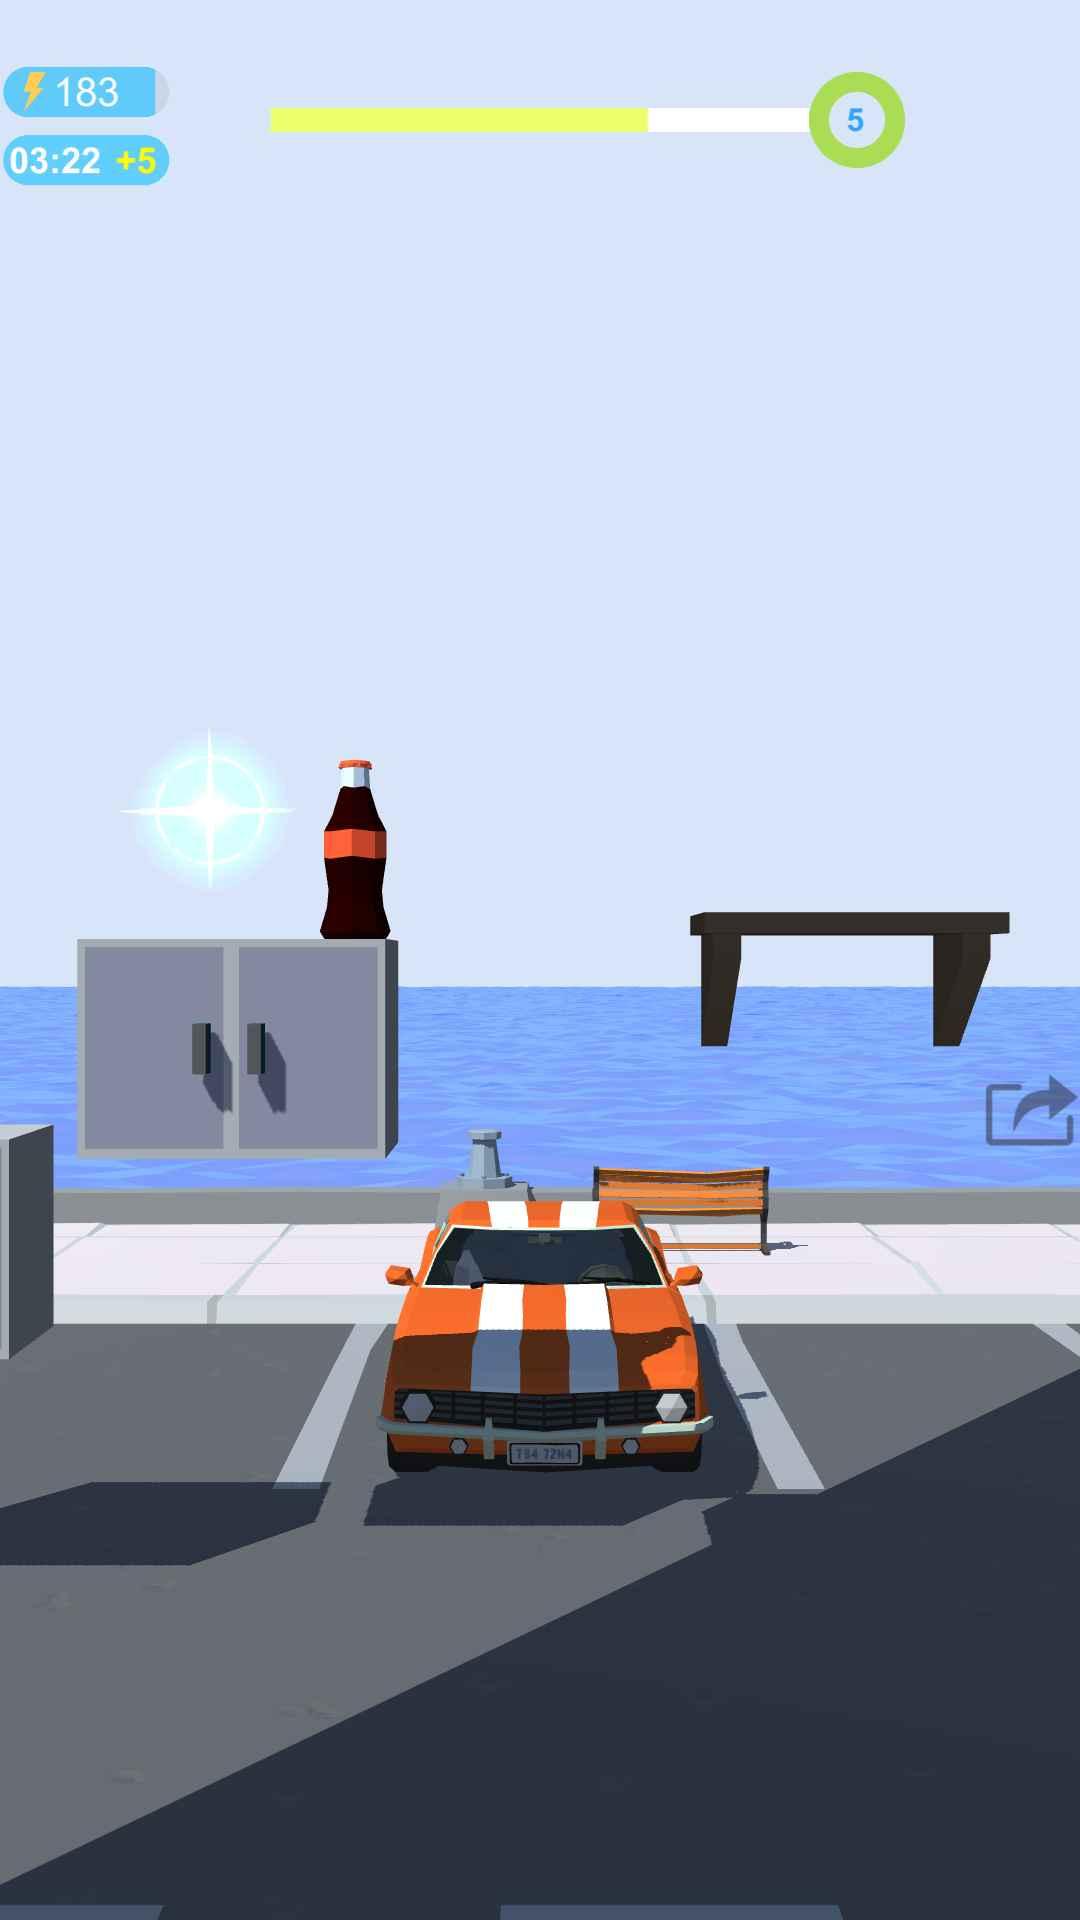 翻滚吧!瓶子(测试版)游戏截图